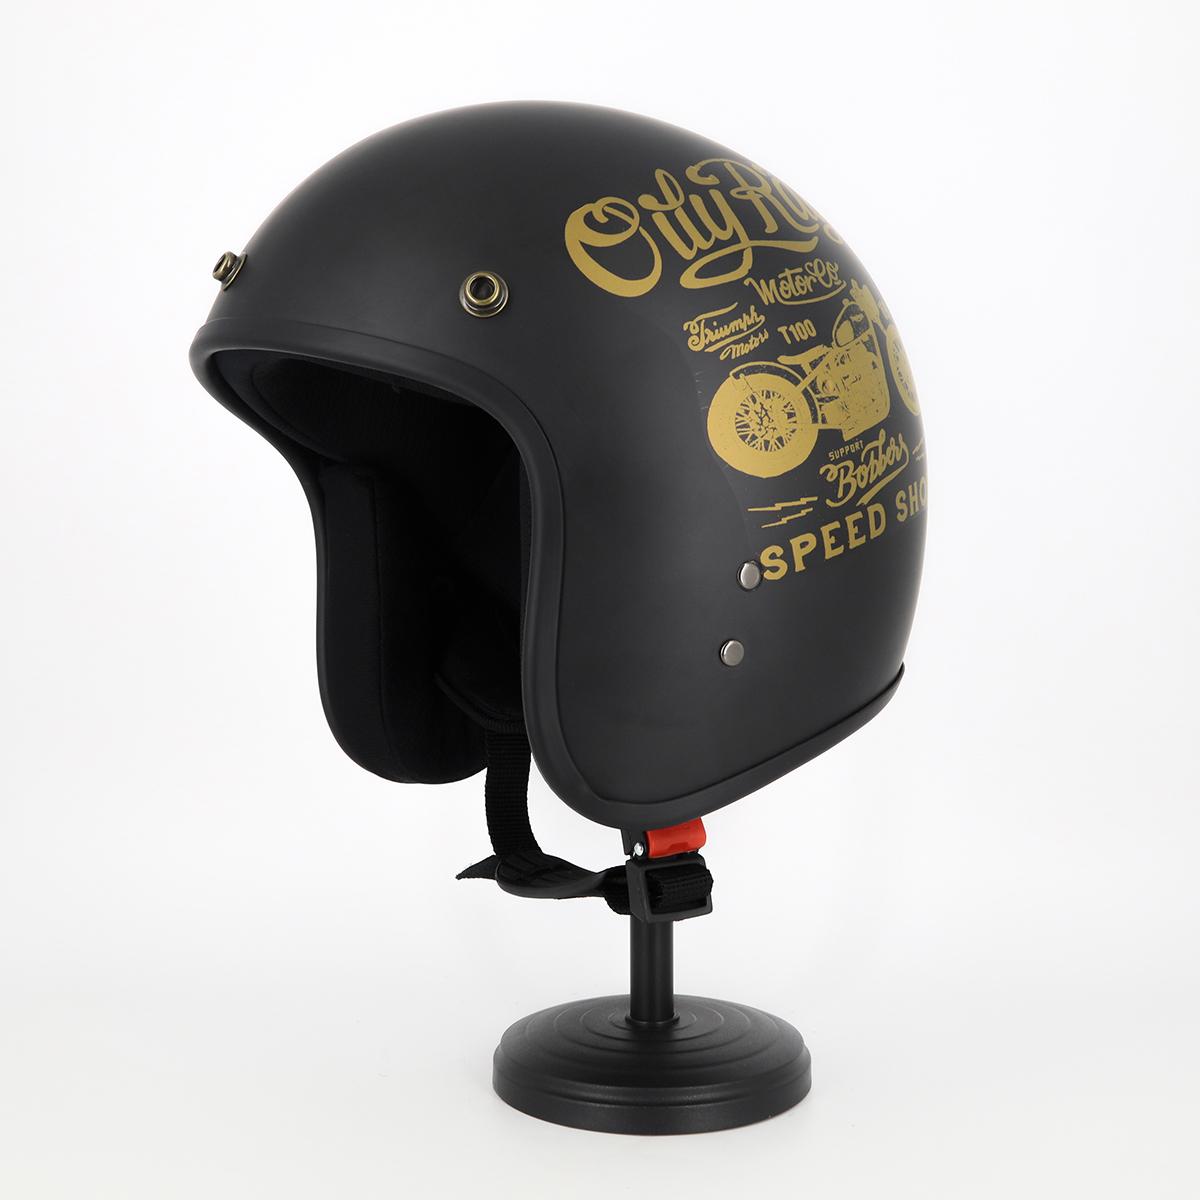 Mũ Bảo Hiểm 3 4 Đầu Tem Xe Siêu Chất - Mũ Bảo Hiểm Chuyên Phượt Cao Cấp 4